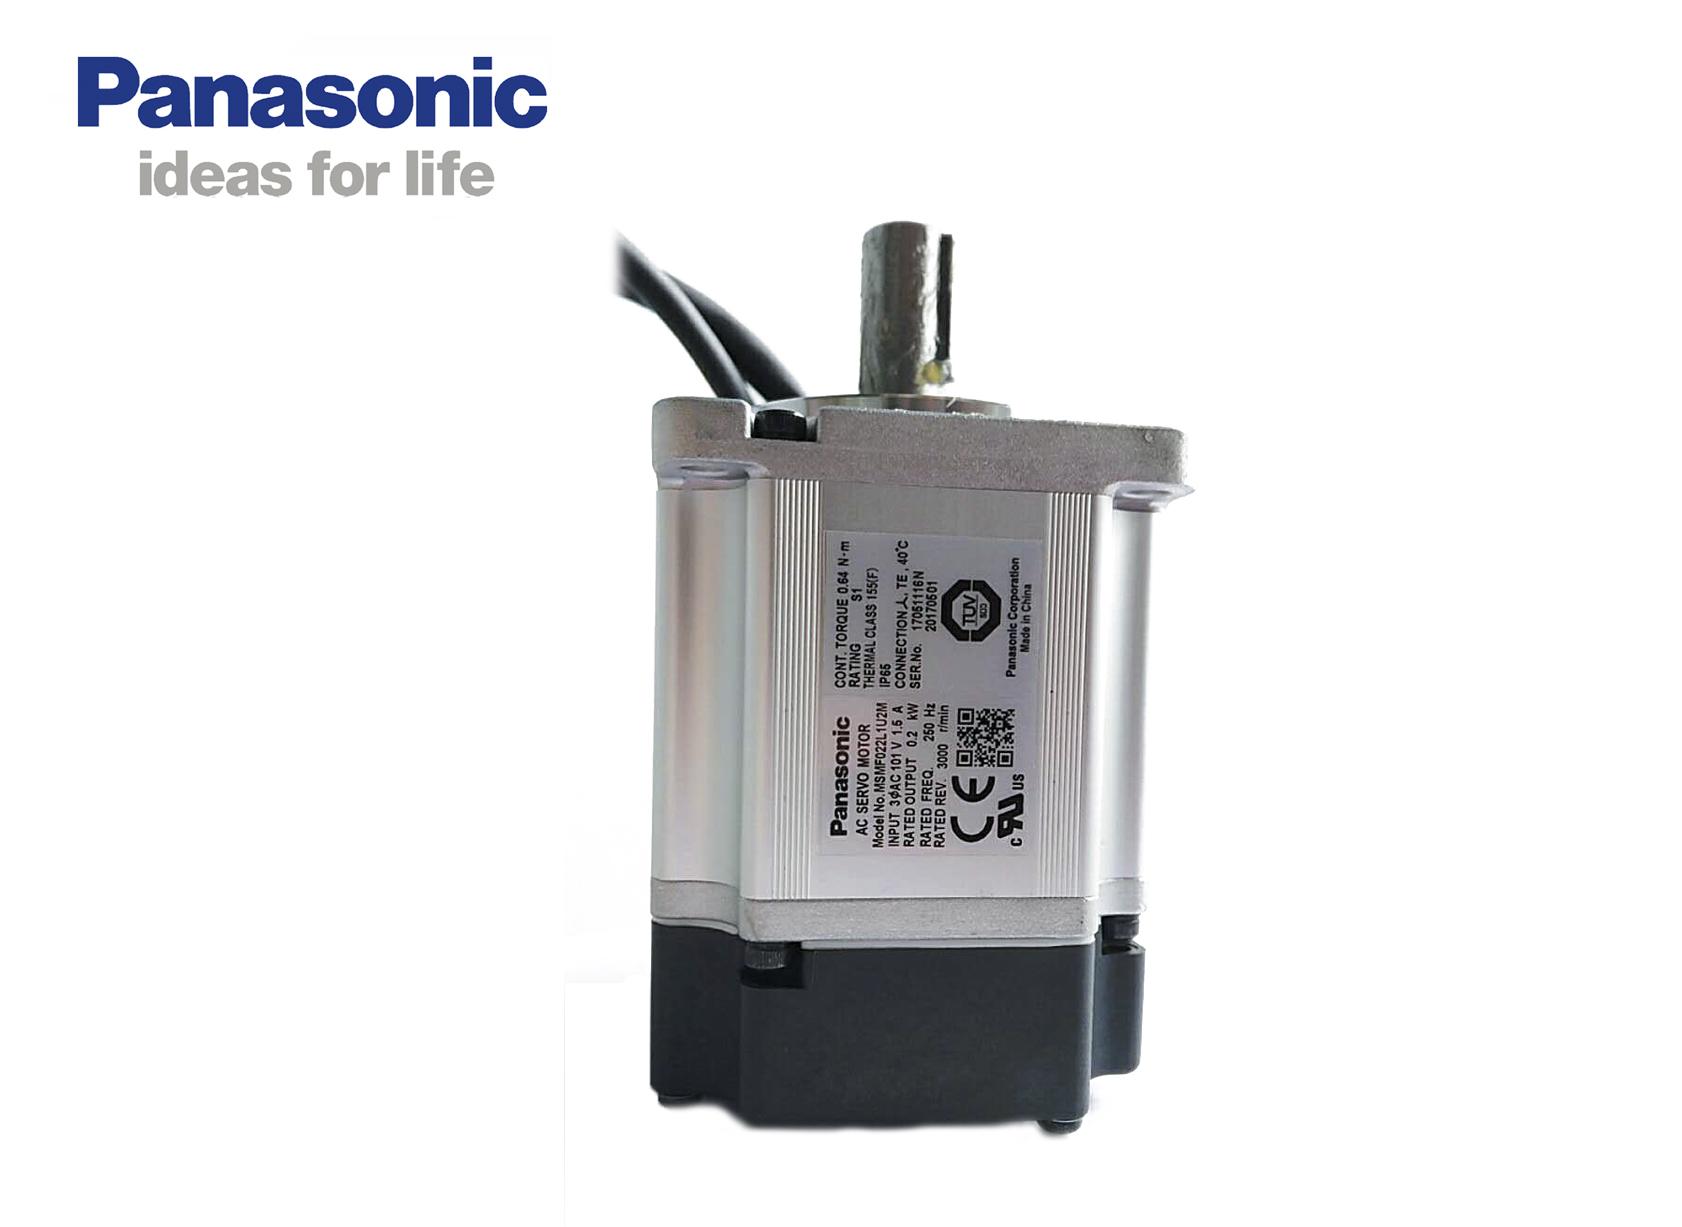 松下A6 MSMF022L1U2M伺服电机 低惯量200W 不带刹车/有油封